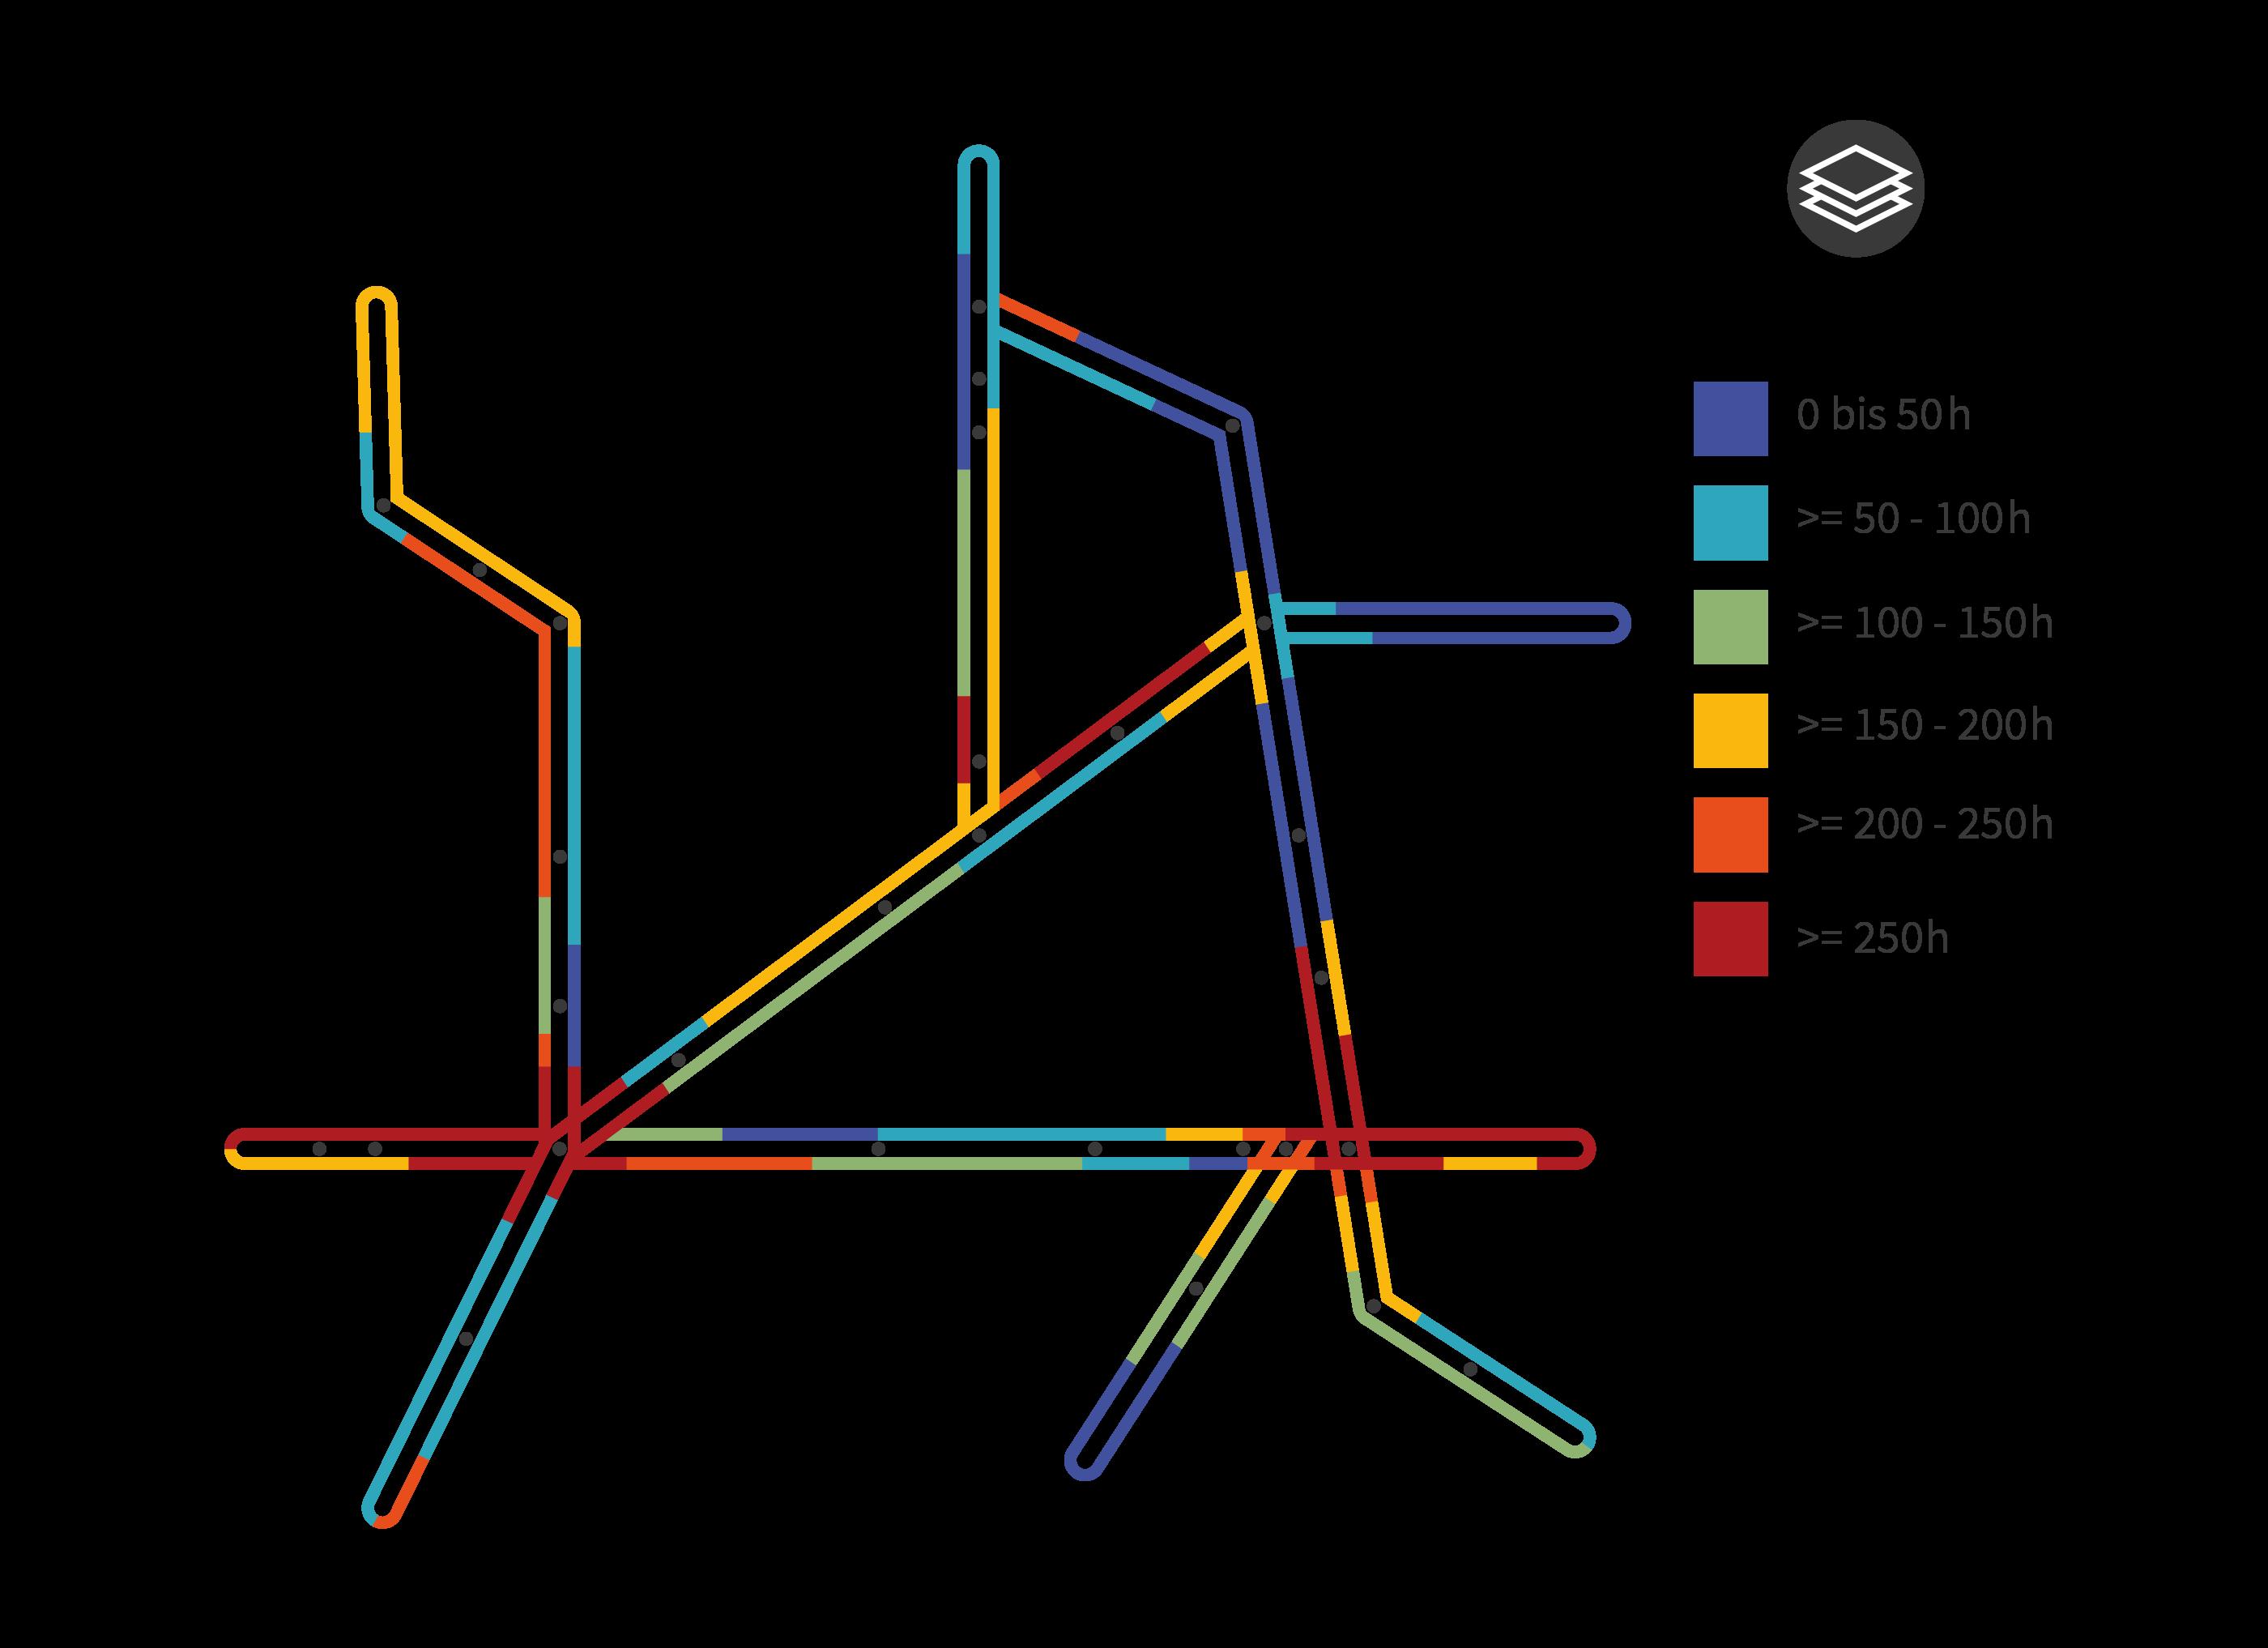 Grafik Abbildung in Kartendarstellung